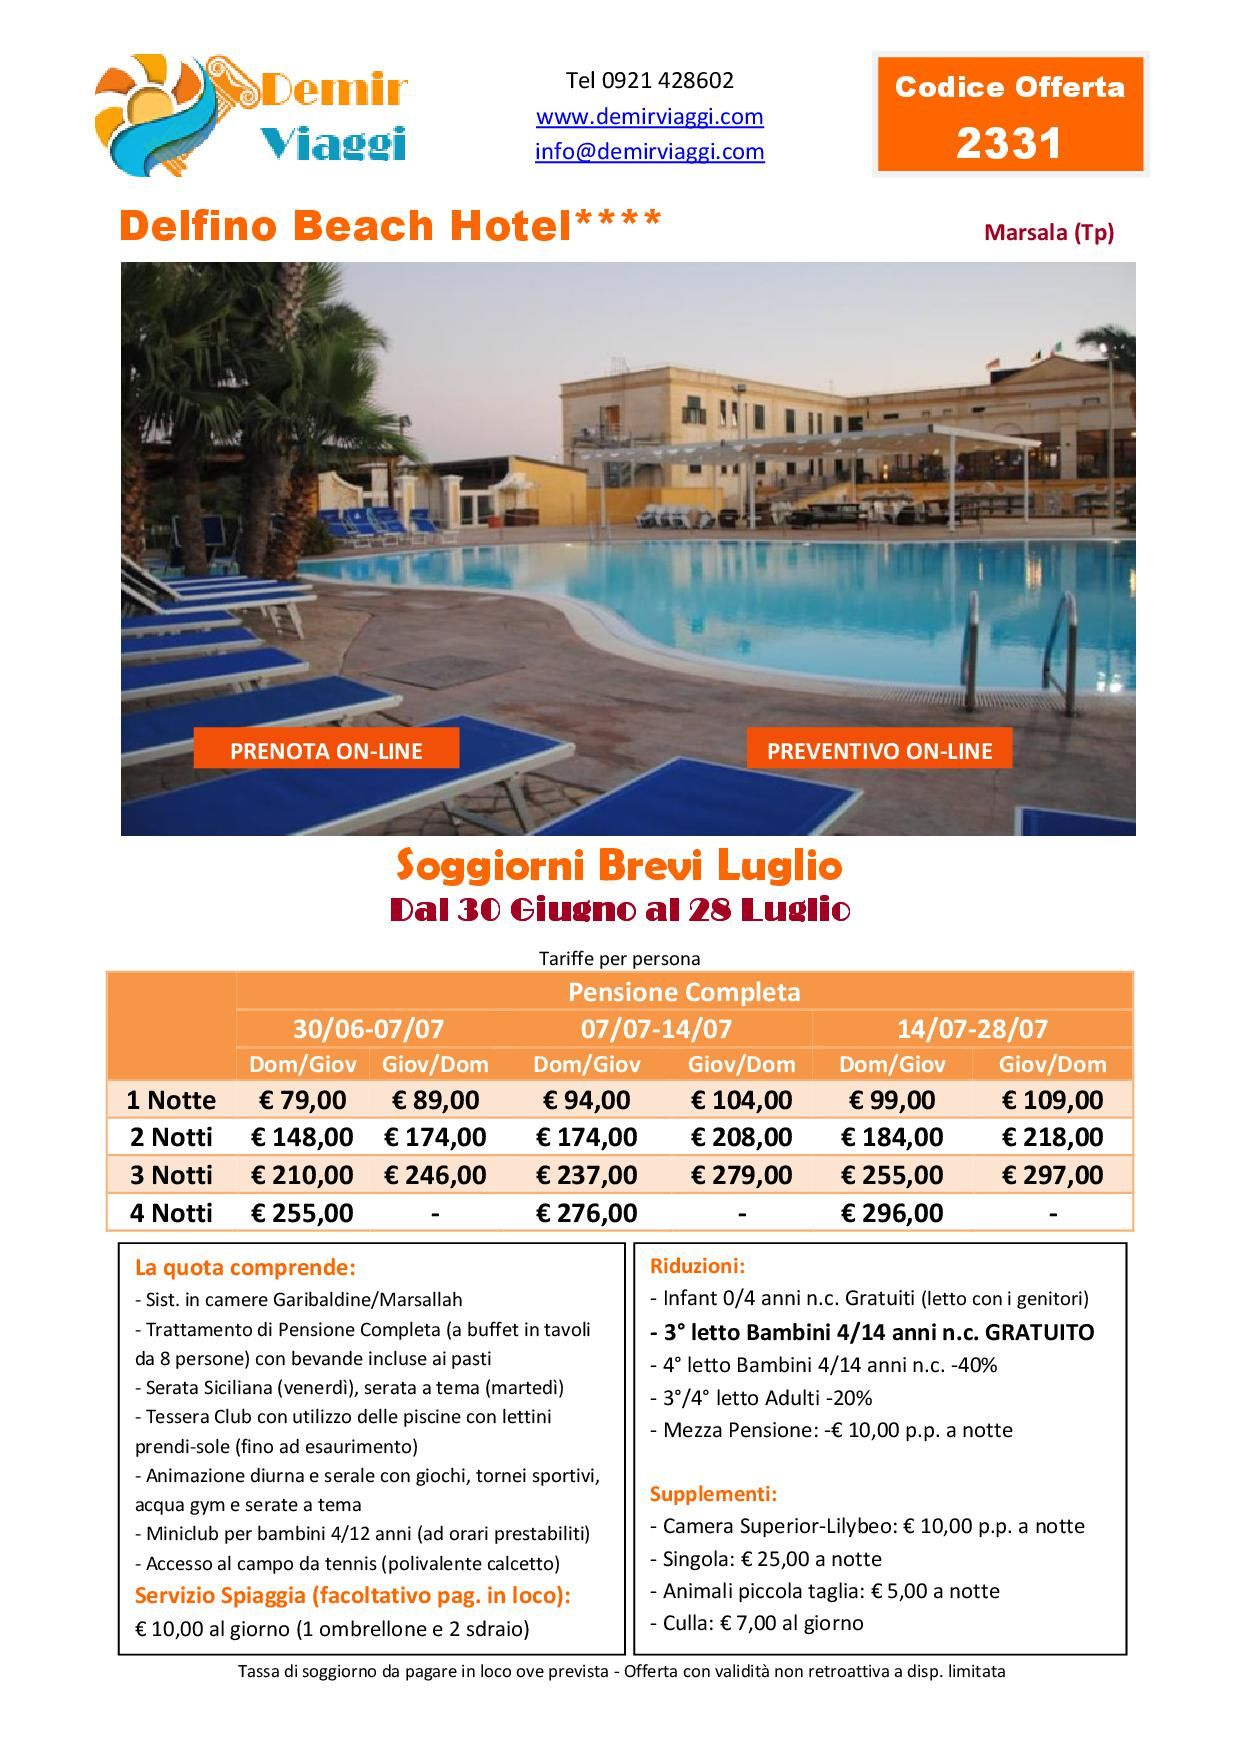 Delfino Beach Hotel**** - Marsala (Tp) Soggiorni Brevi #Luglio Per ...